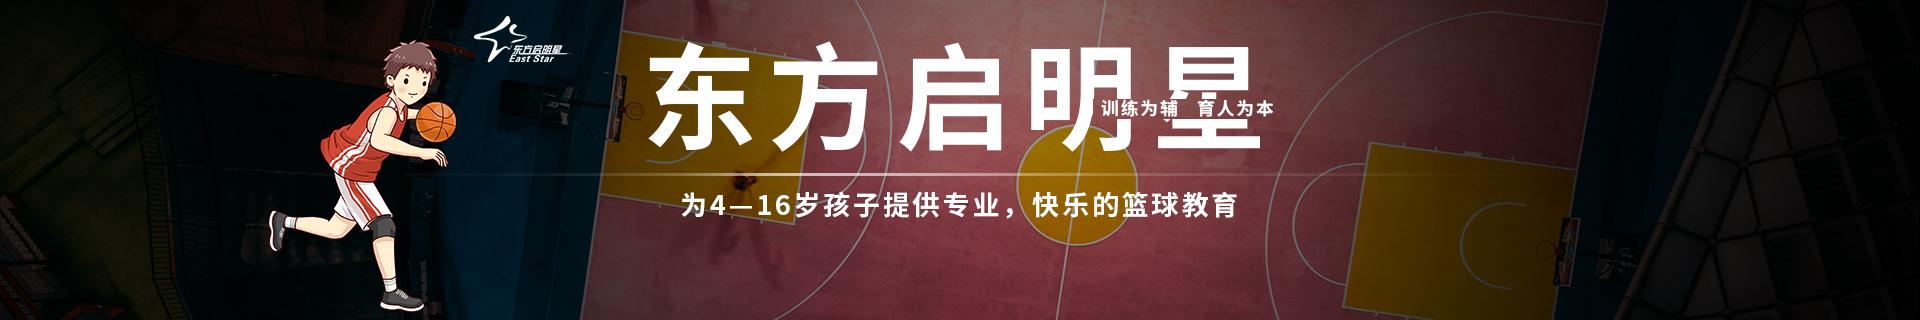 广州荔湾区东方启明星击掌校区